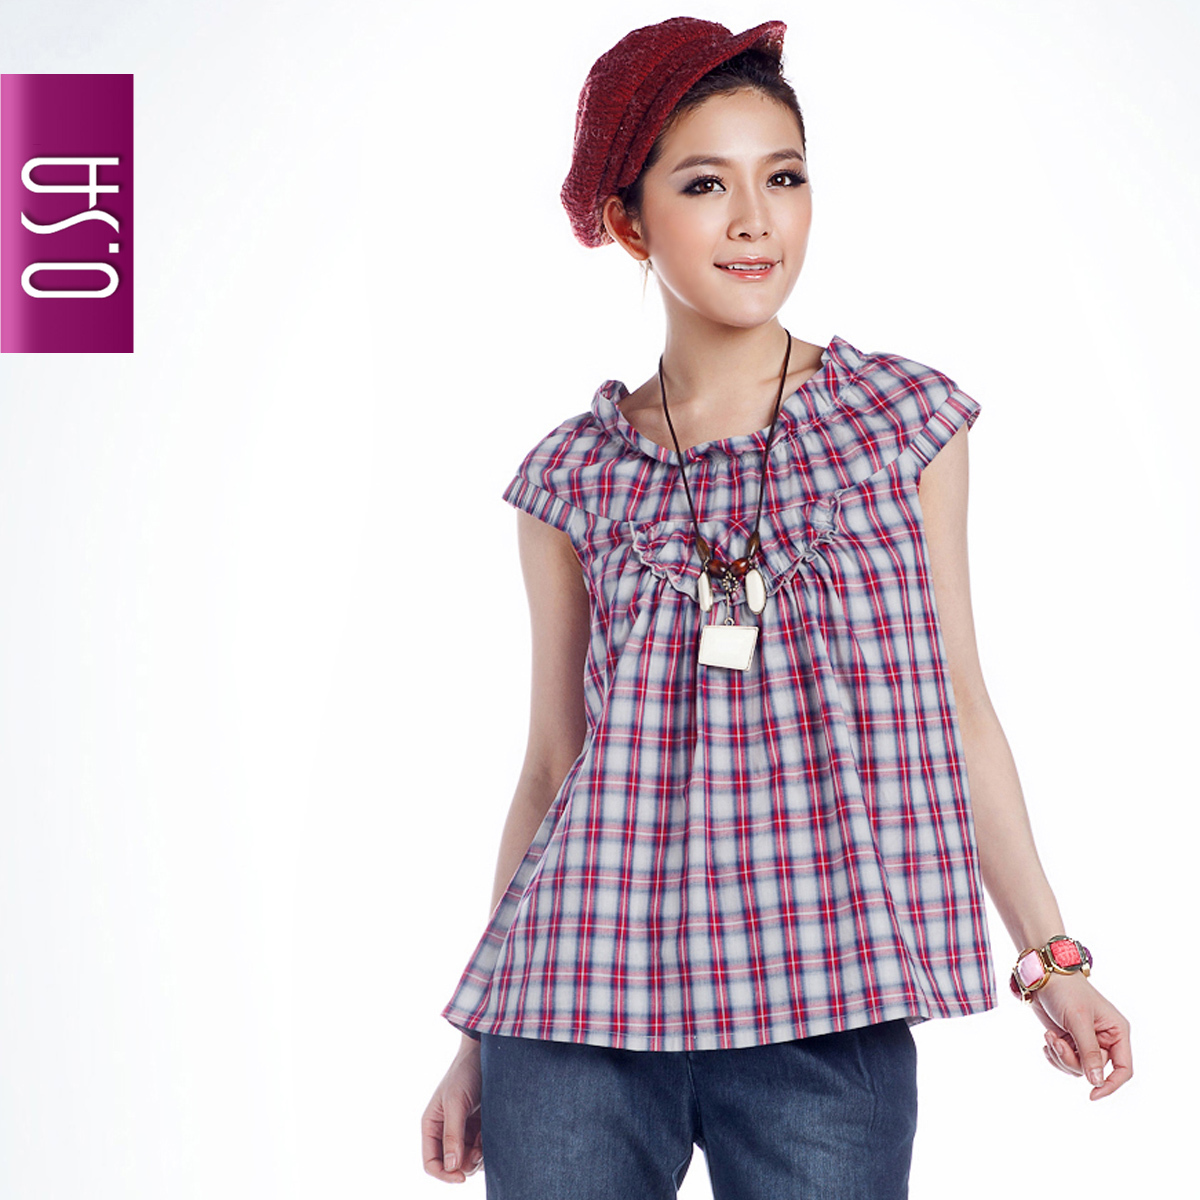 женская рубашка OSA sc10316 O.SA2011